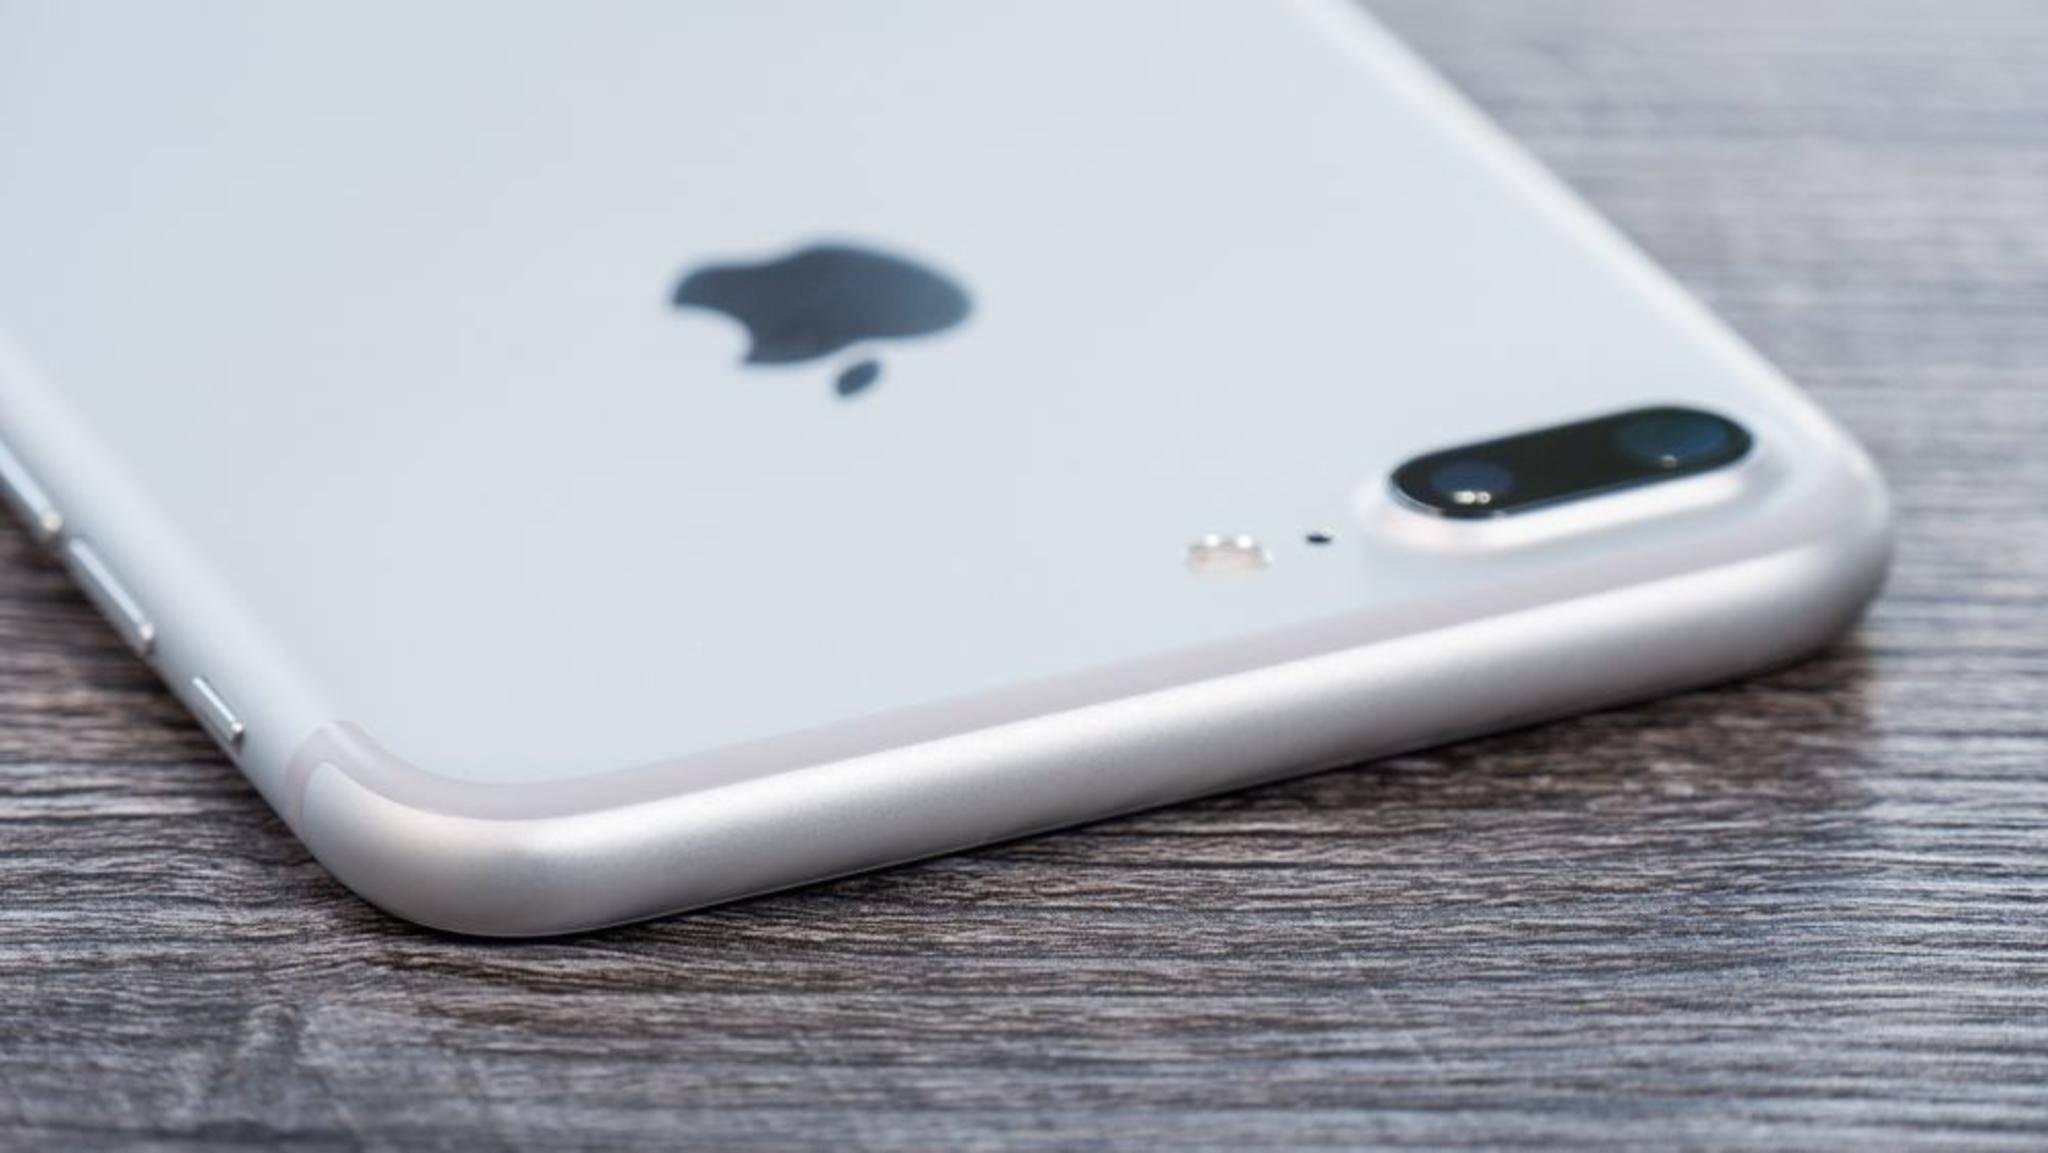 Die Dual-Kamera gibt es nur im iPhone 7 Plus.